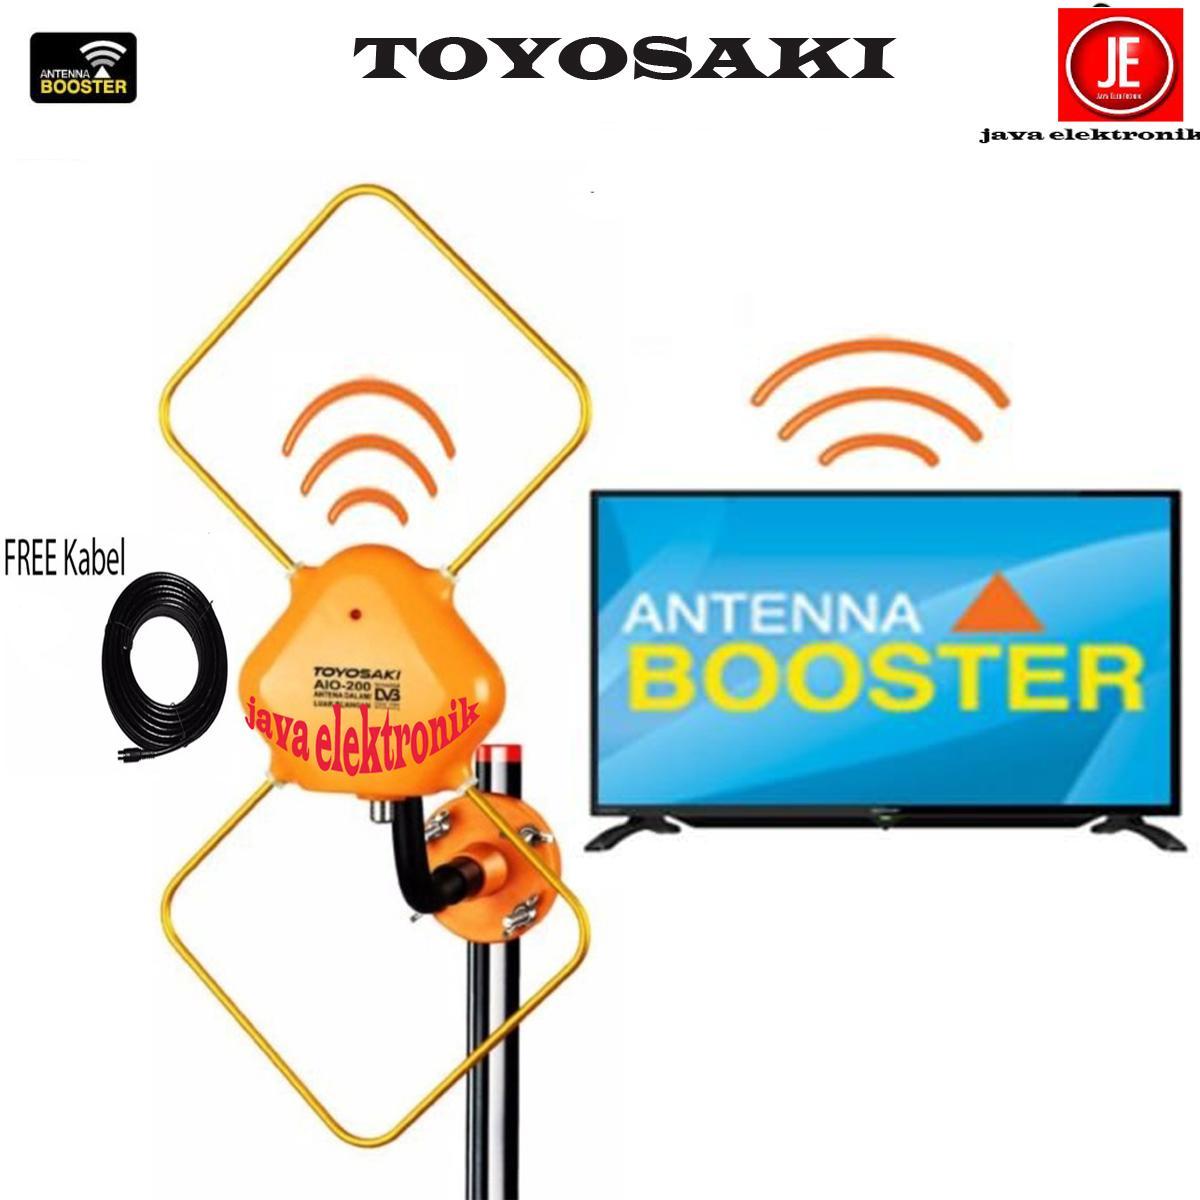 Toyosaki Antena TV Indoor & Outdoor + Booster + Kabel AIO-200